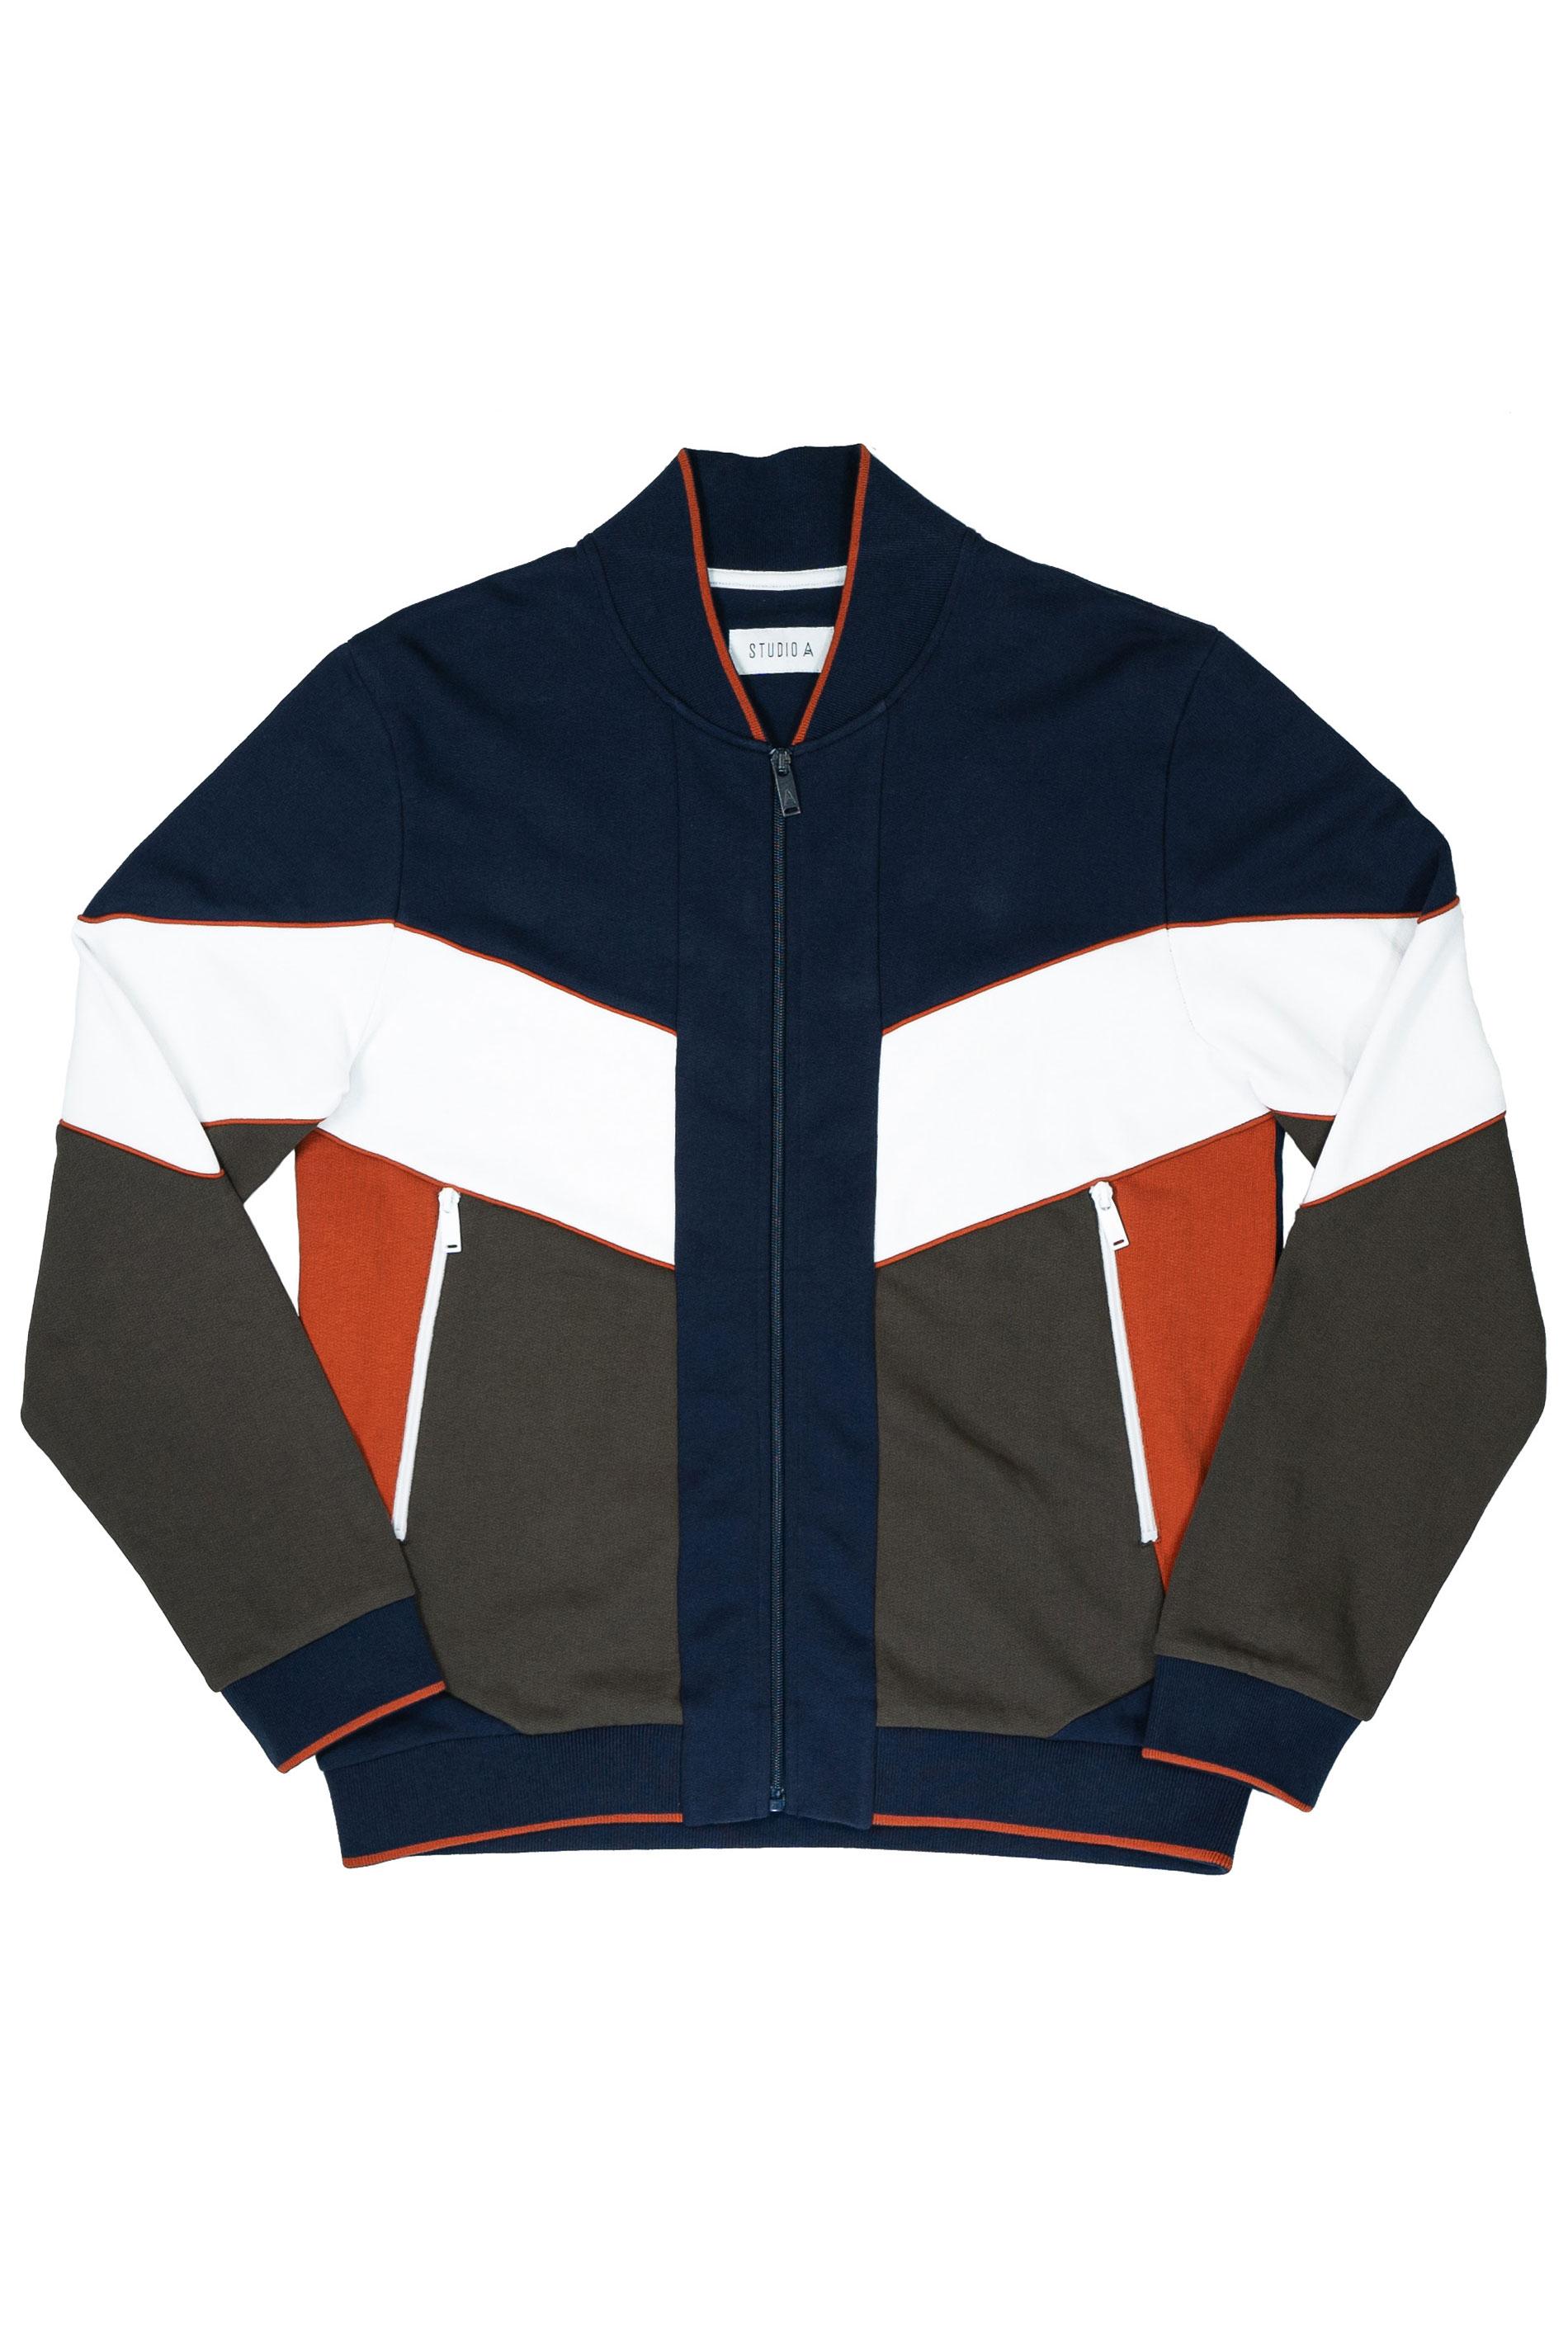 STUDIO A Navy & Khaki Colour Block Bomber Jacket